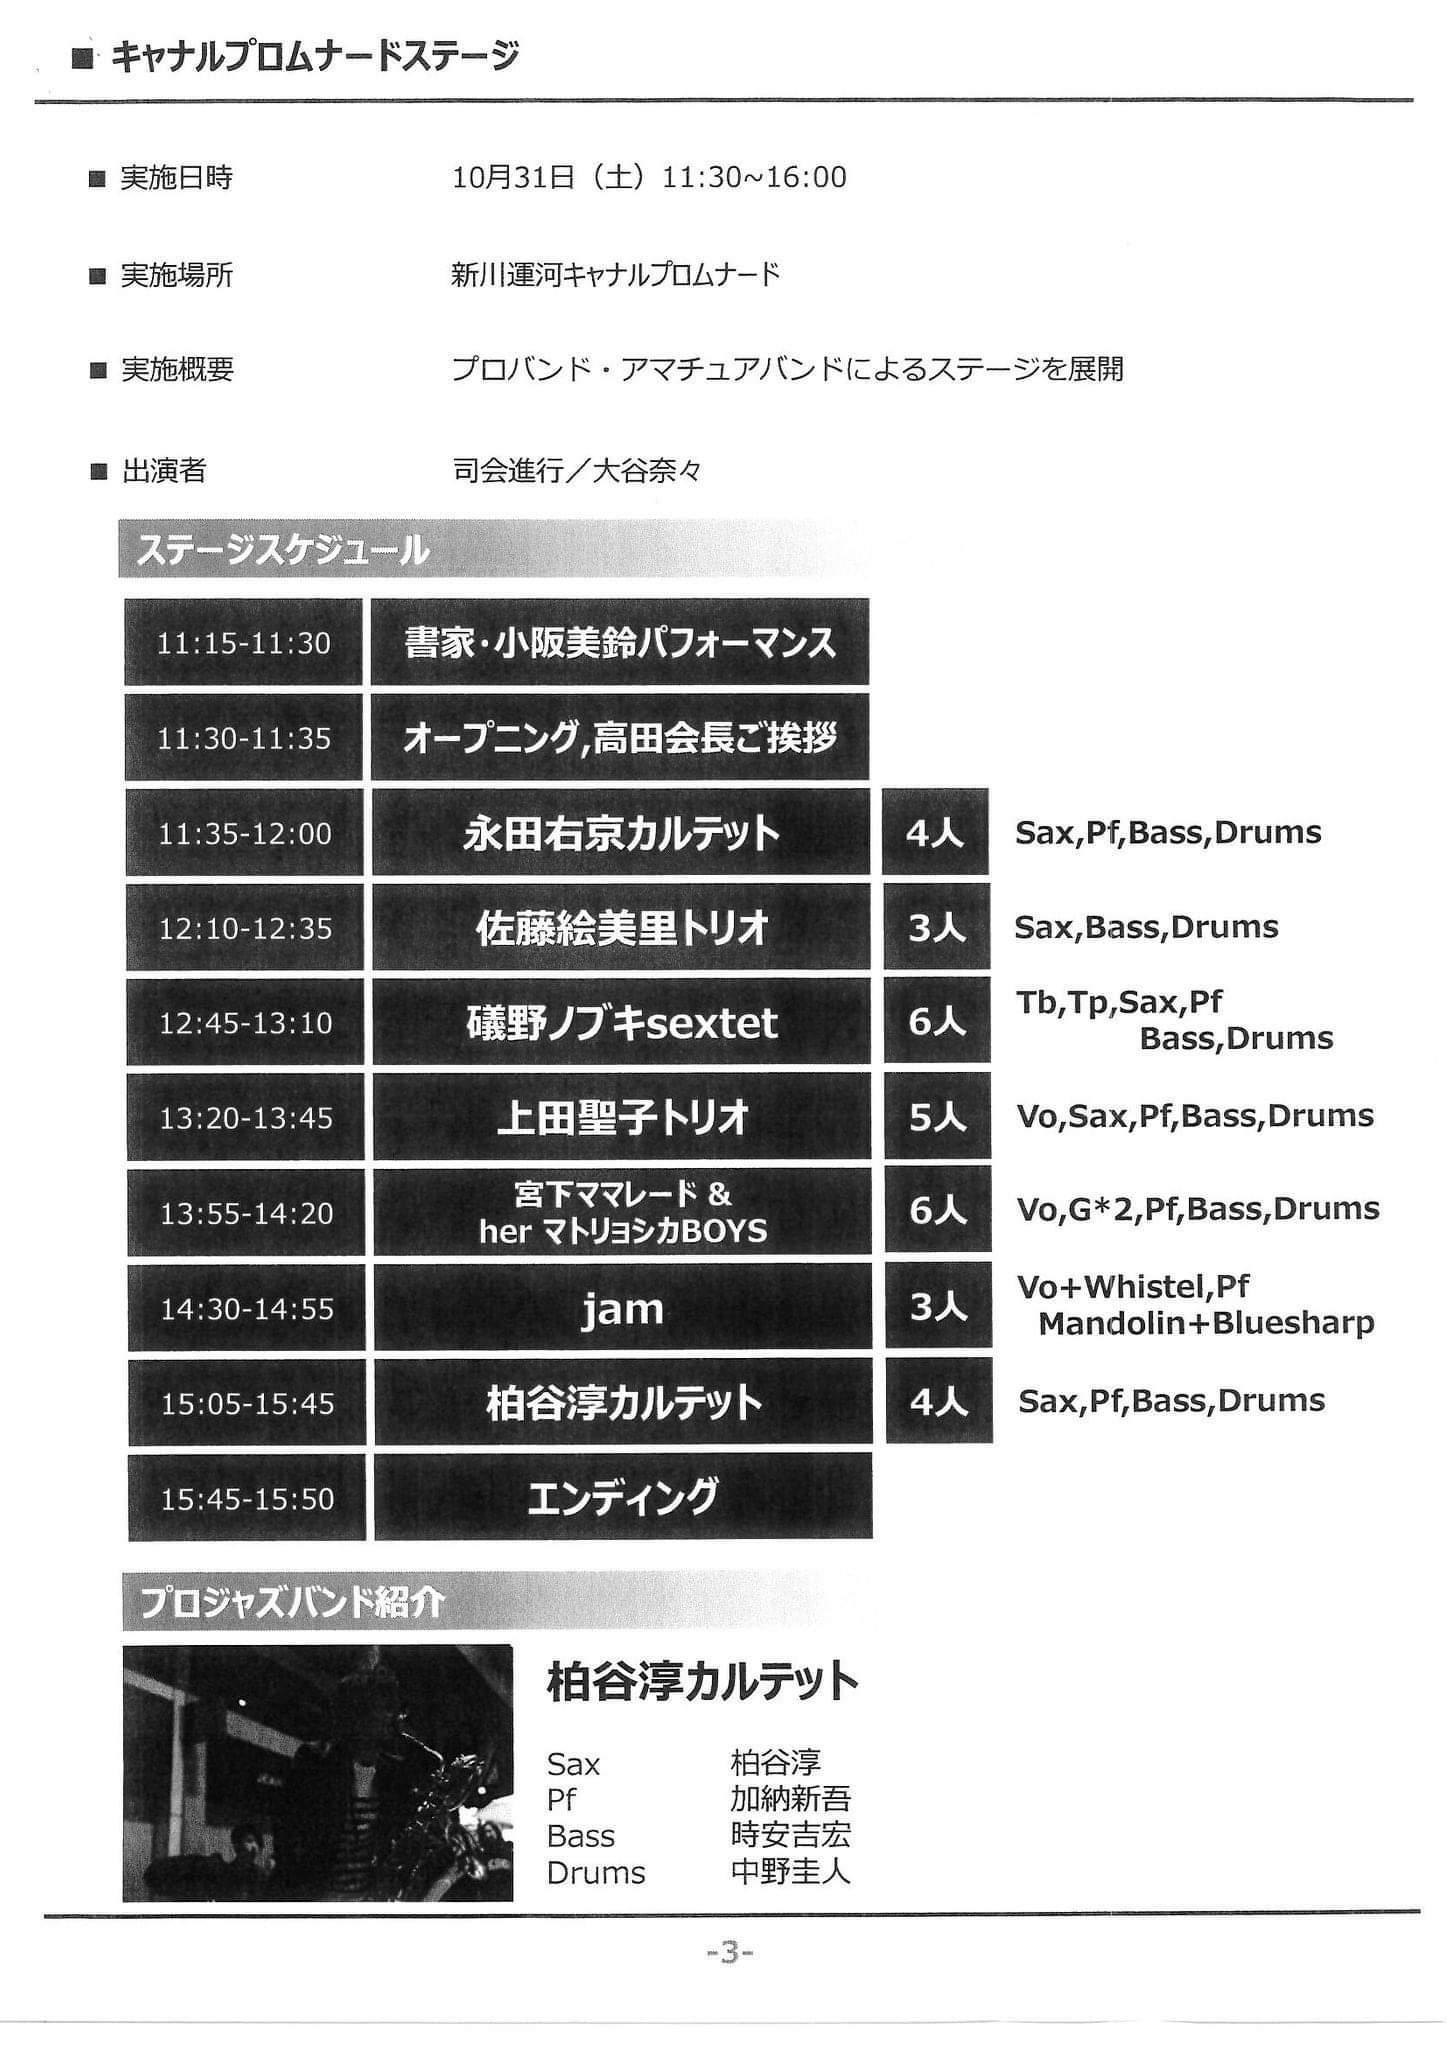 神戸から、10/31(土)満月の日、県庁発祥の地兵庫津Jazz Liveでパフォーマンス揮毫します_a0098174_14182954.jpg